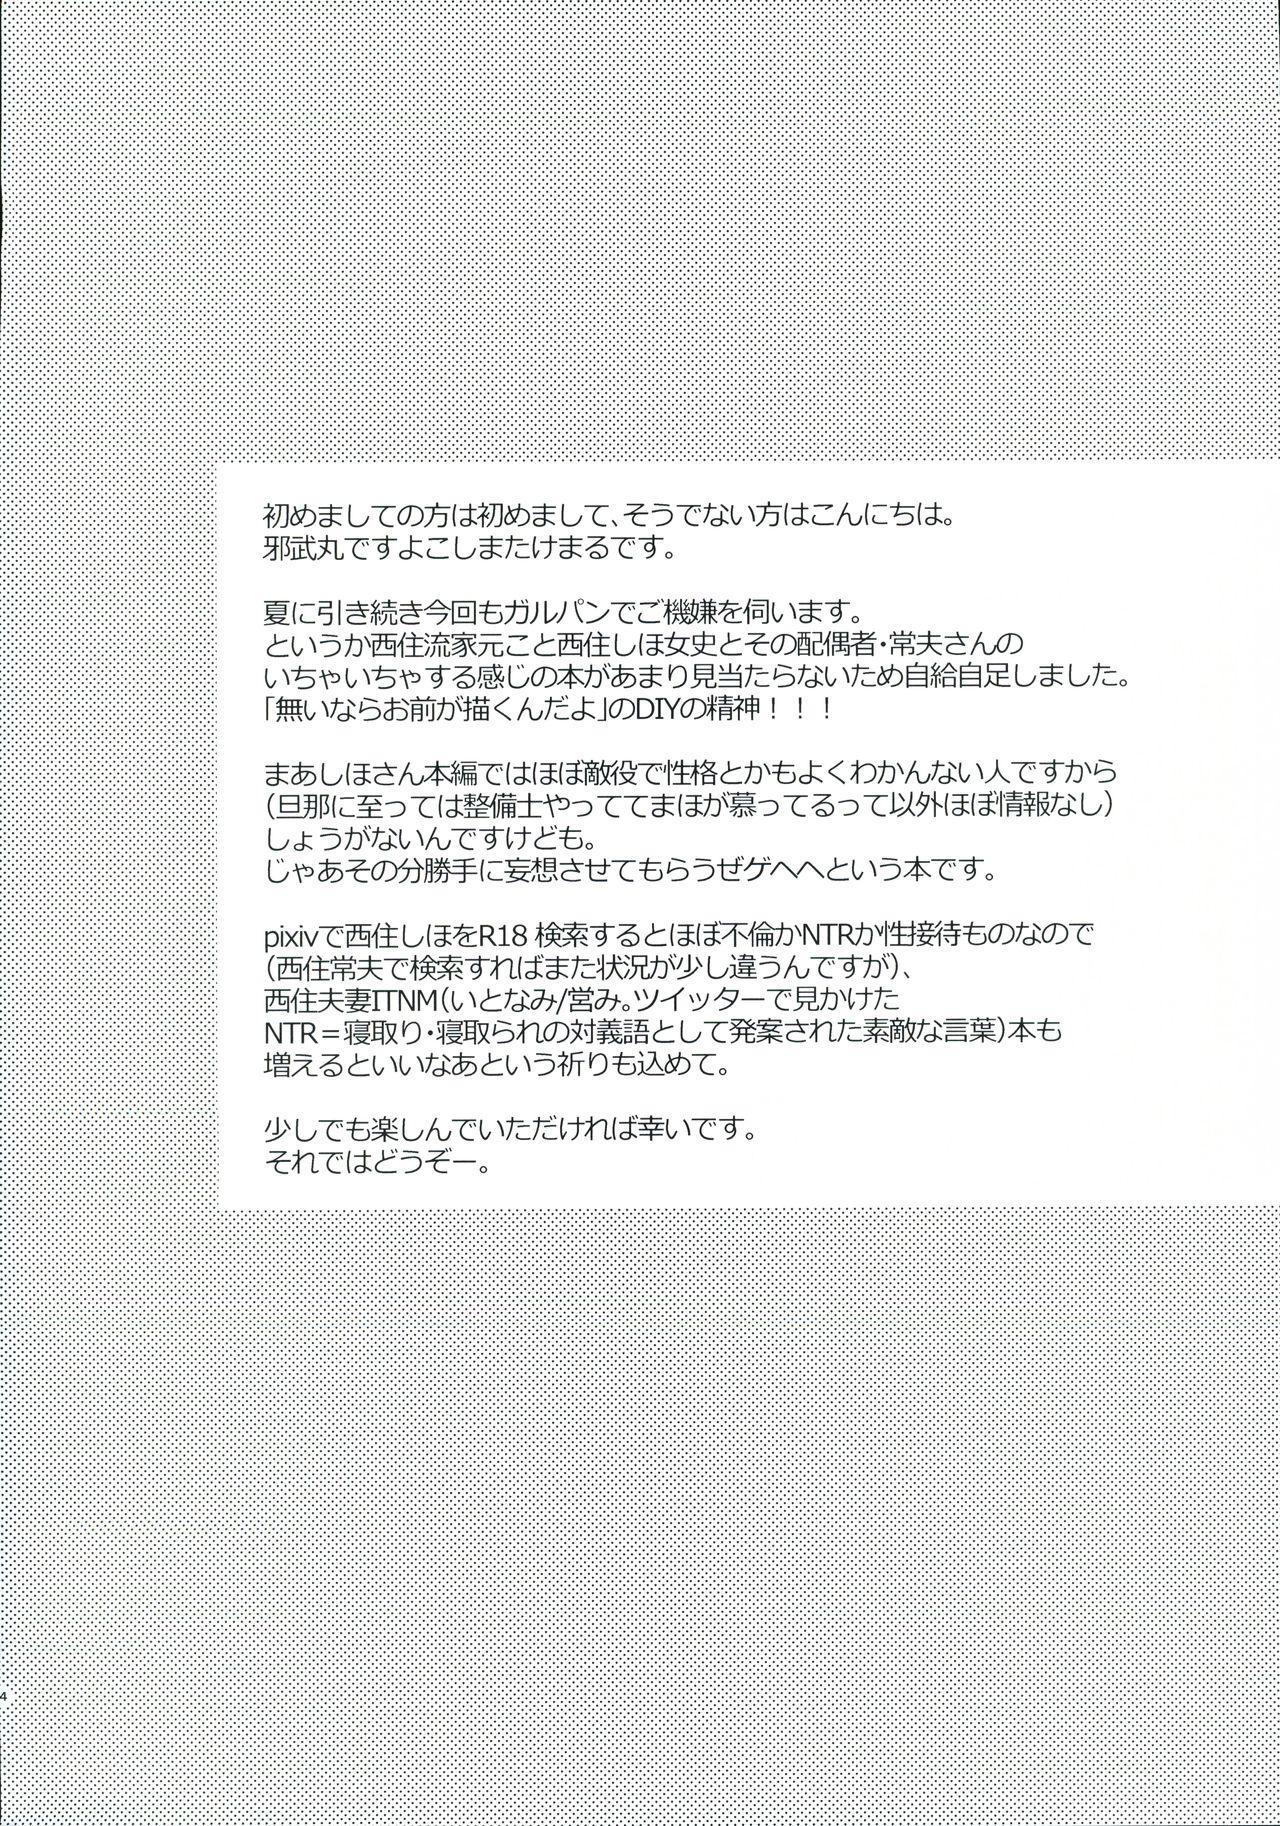 (C97) [Yokoshimaya. (Yokoshima Takemaru)] danna-san ni shika Misenai Hyoujou o Suru Nishizumi-ryuu Iemoto (Girls und Panzer) 2